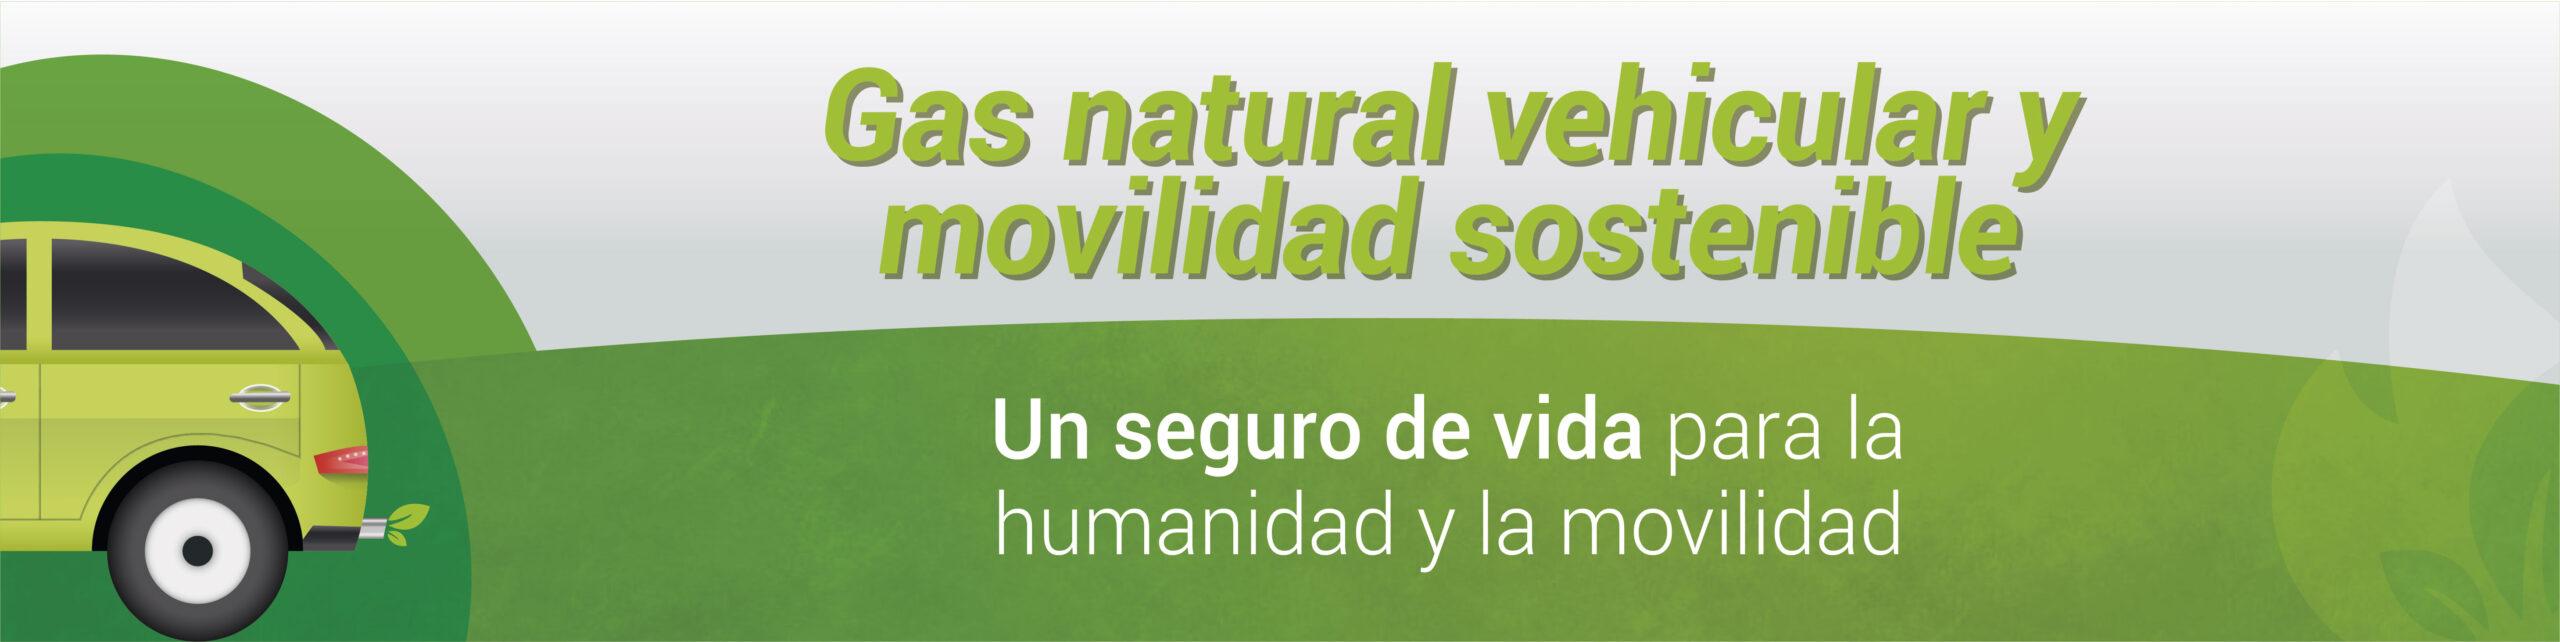 Gas natural vehicular y movilidad sostenible- Un seguro de vida